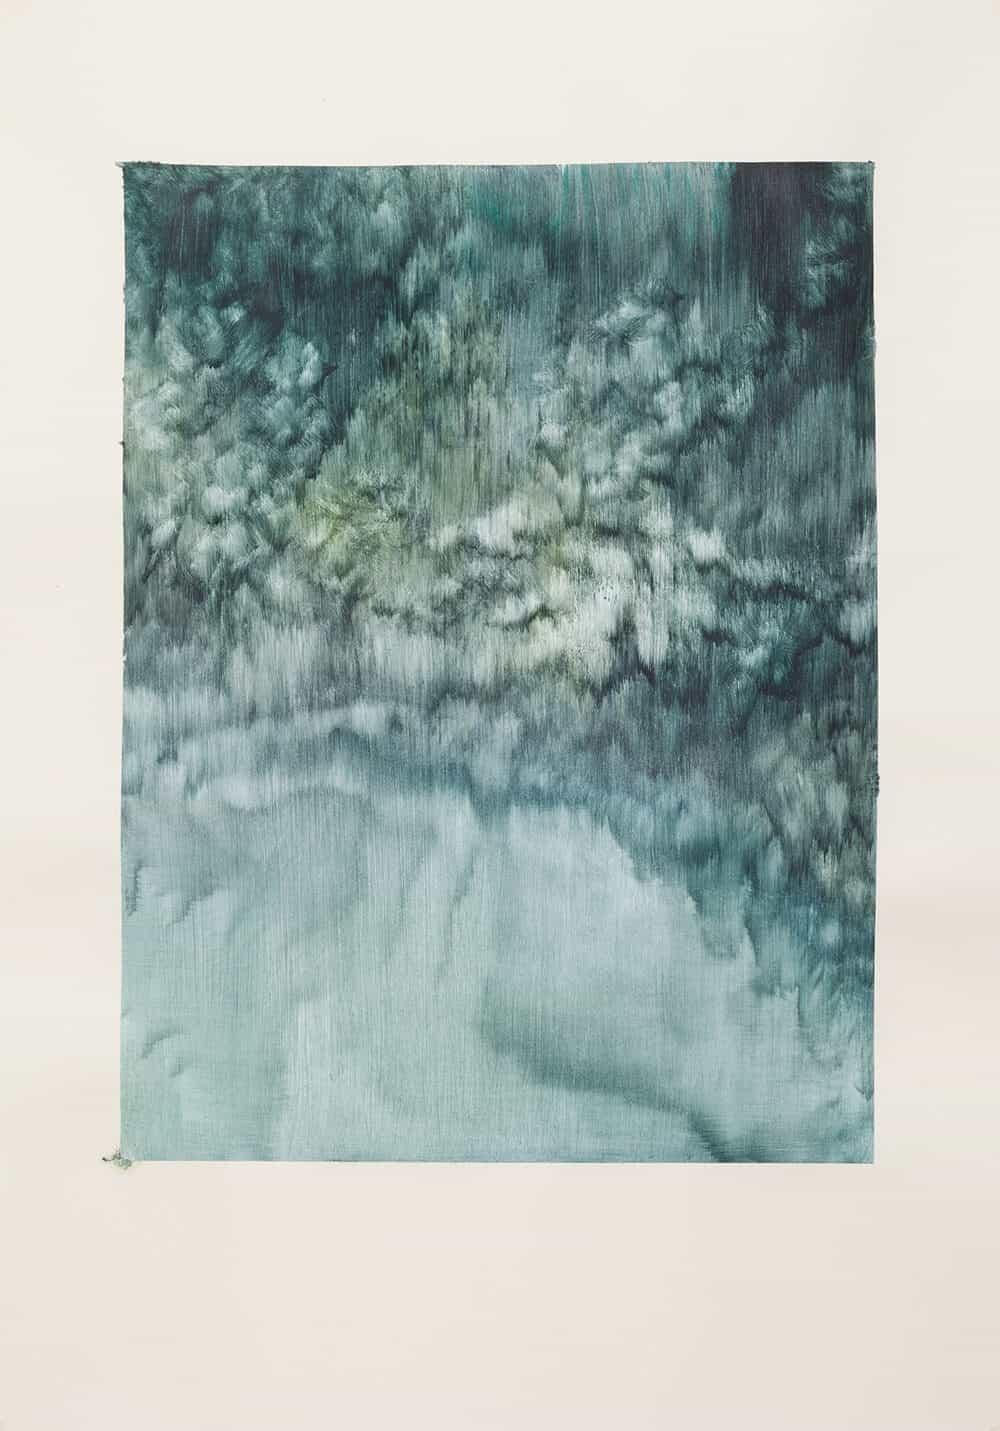 Zarah Cassim. So Familiar I, 2018. Oil on Paper. 600x420mm ( Unframed size).